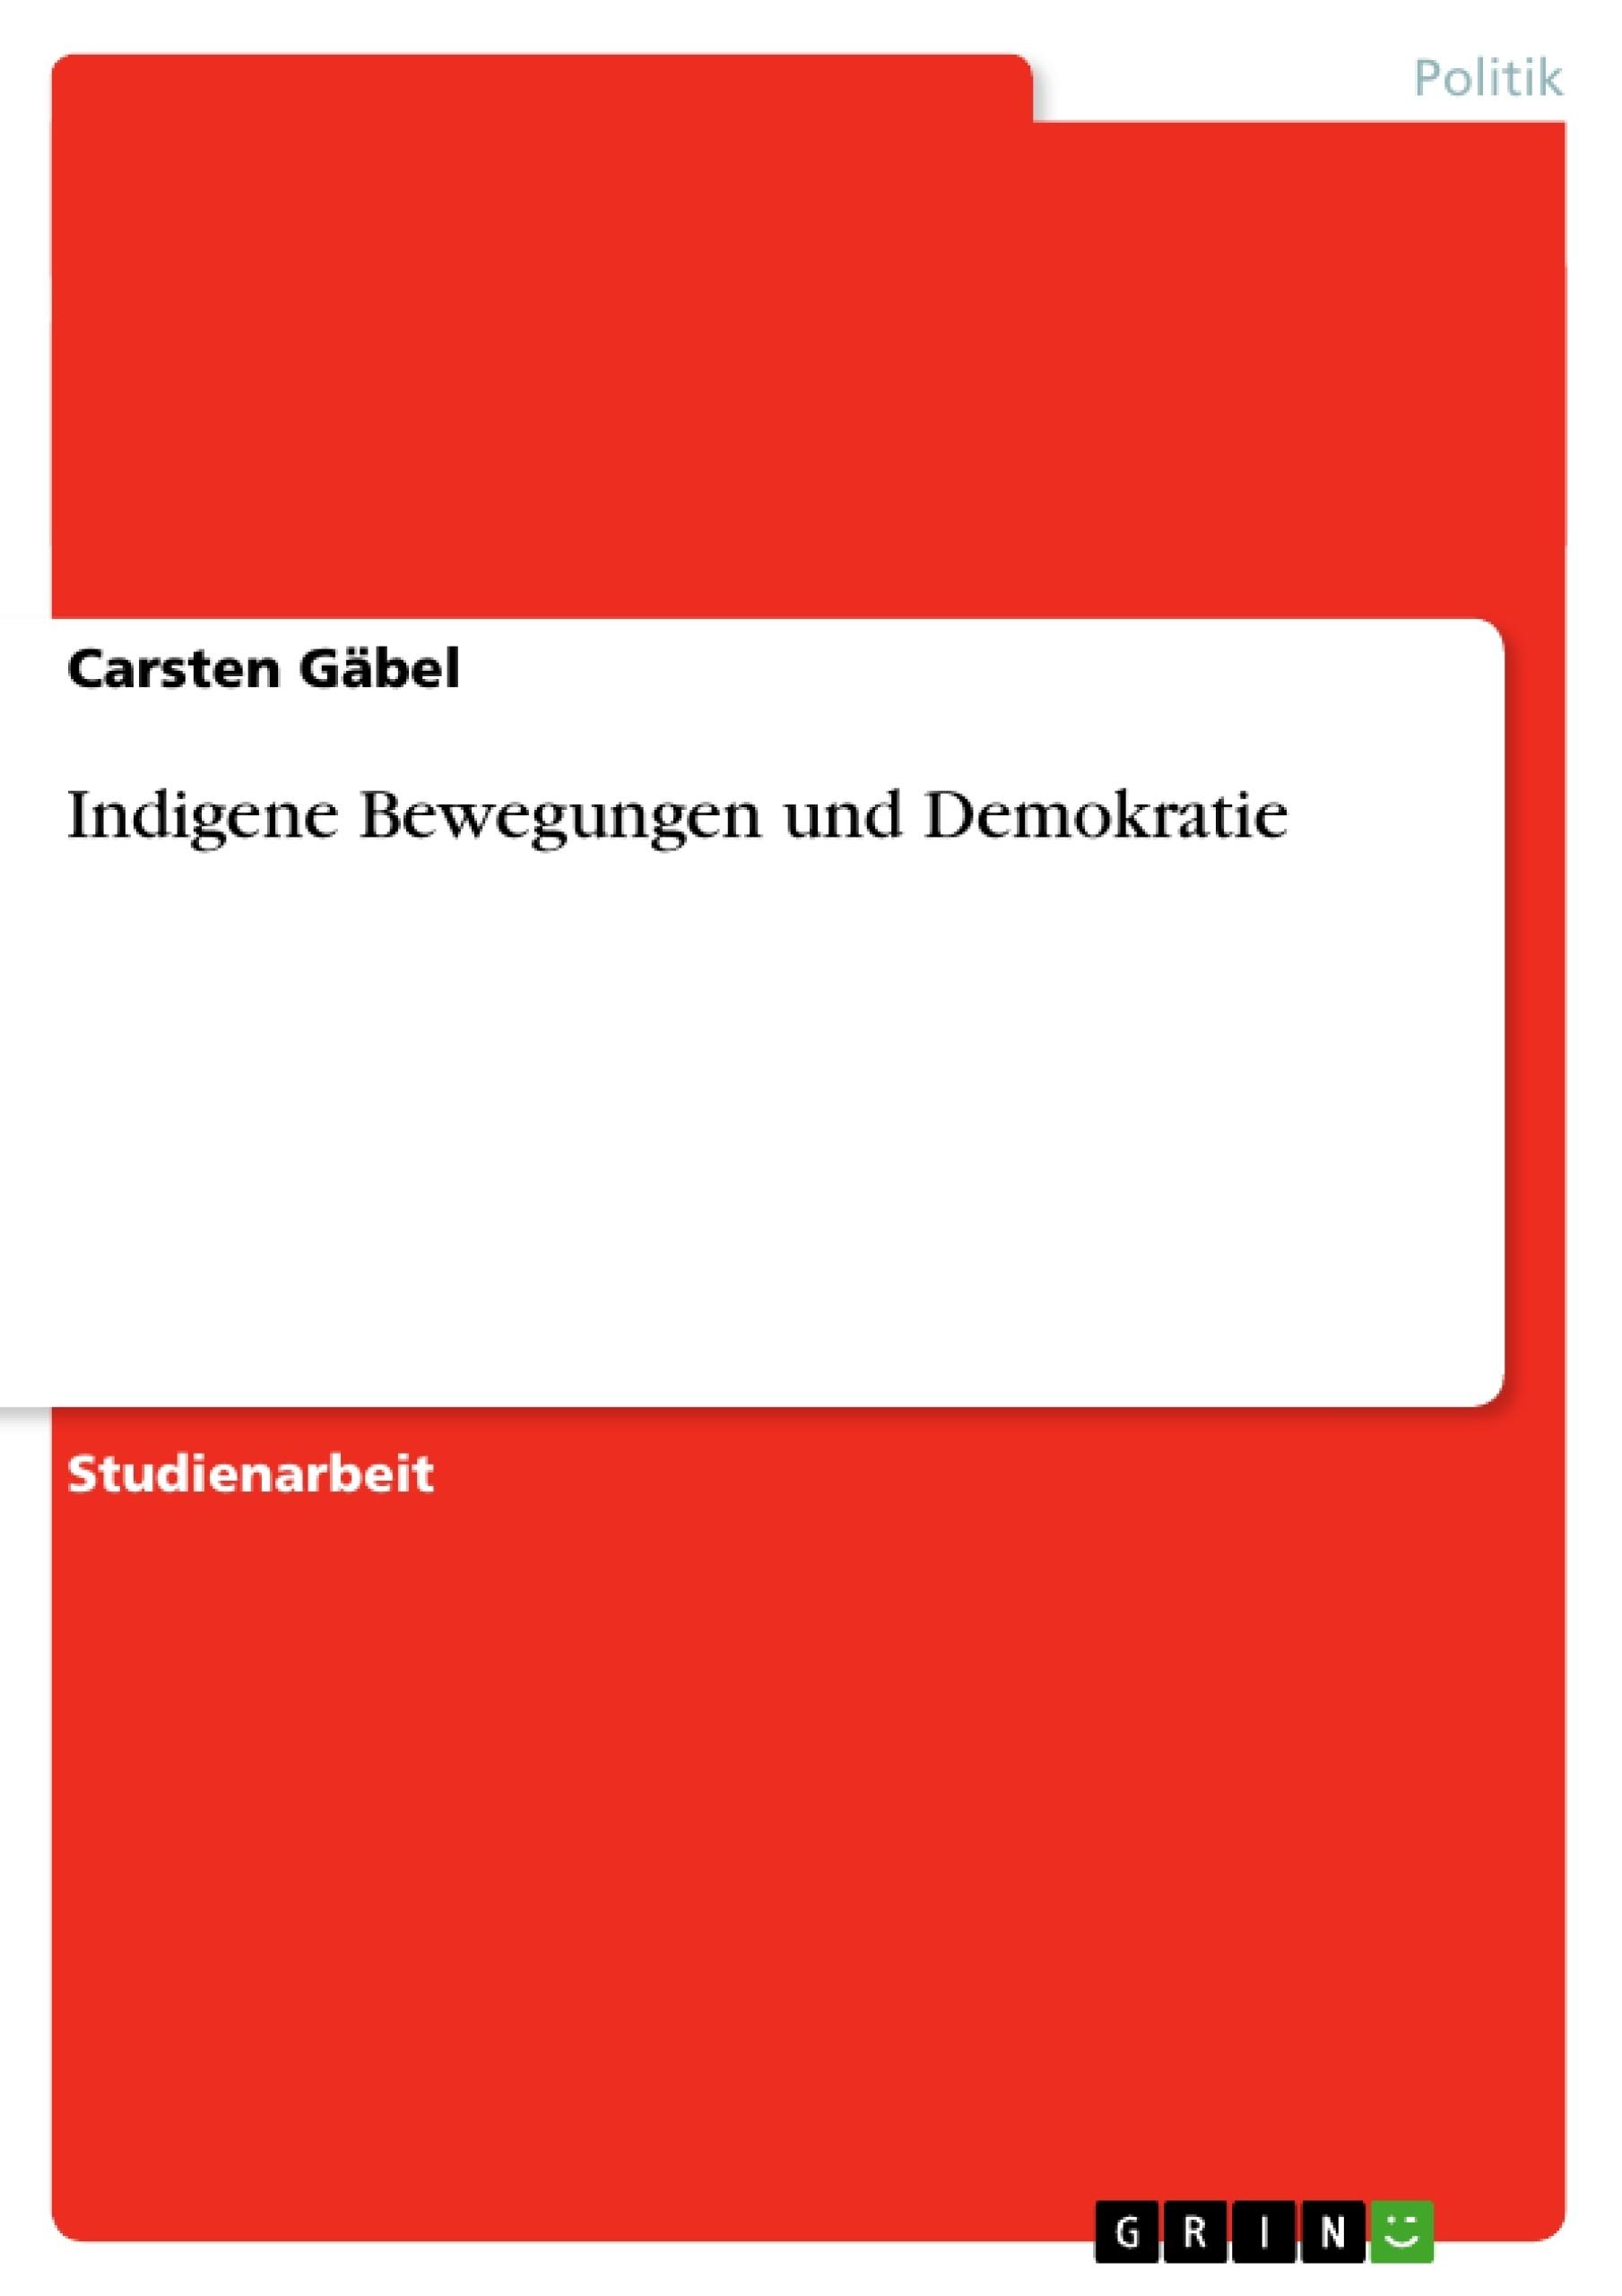 Titel: Indigene Bewegungen und Demokratie